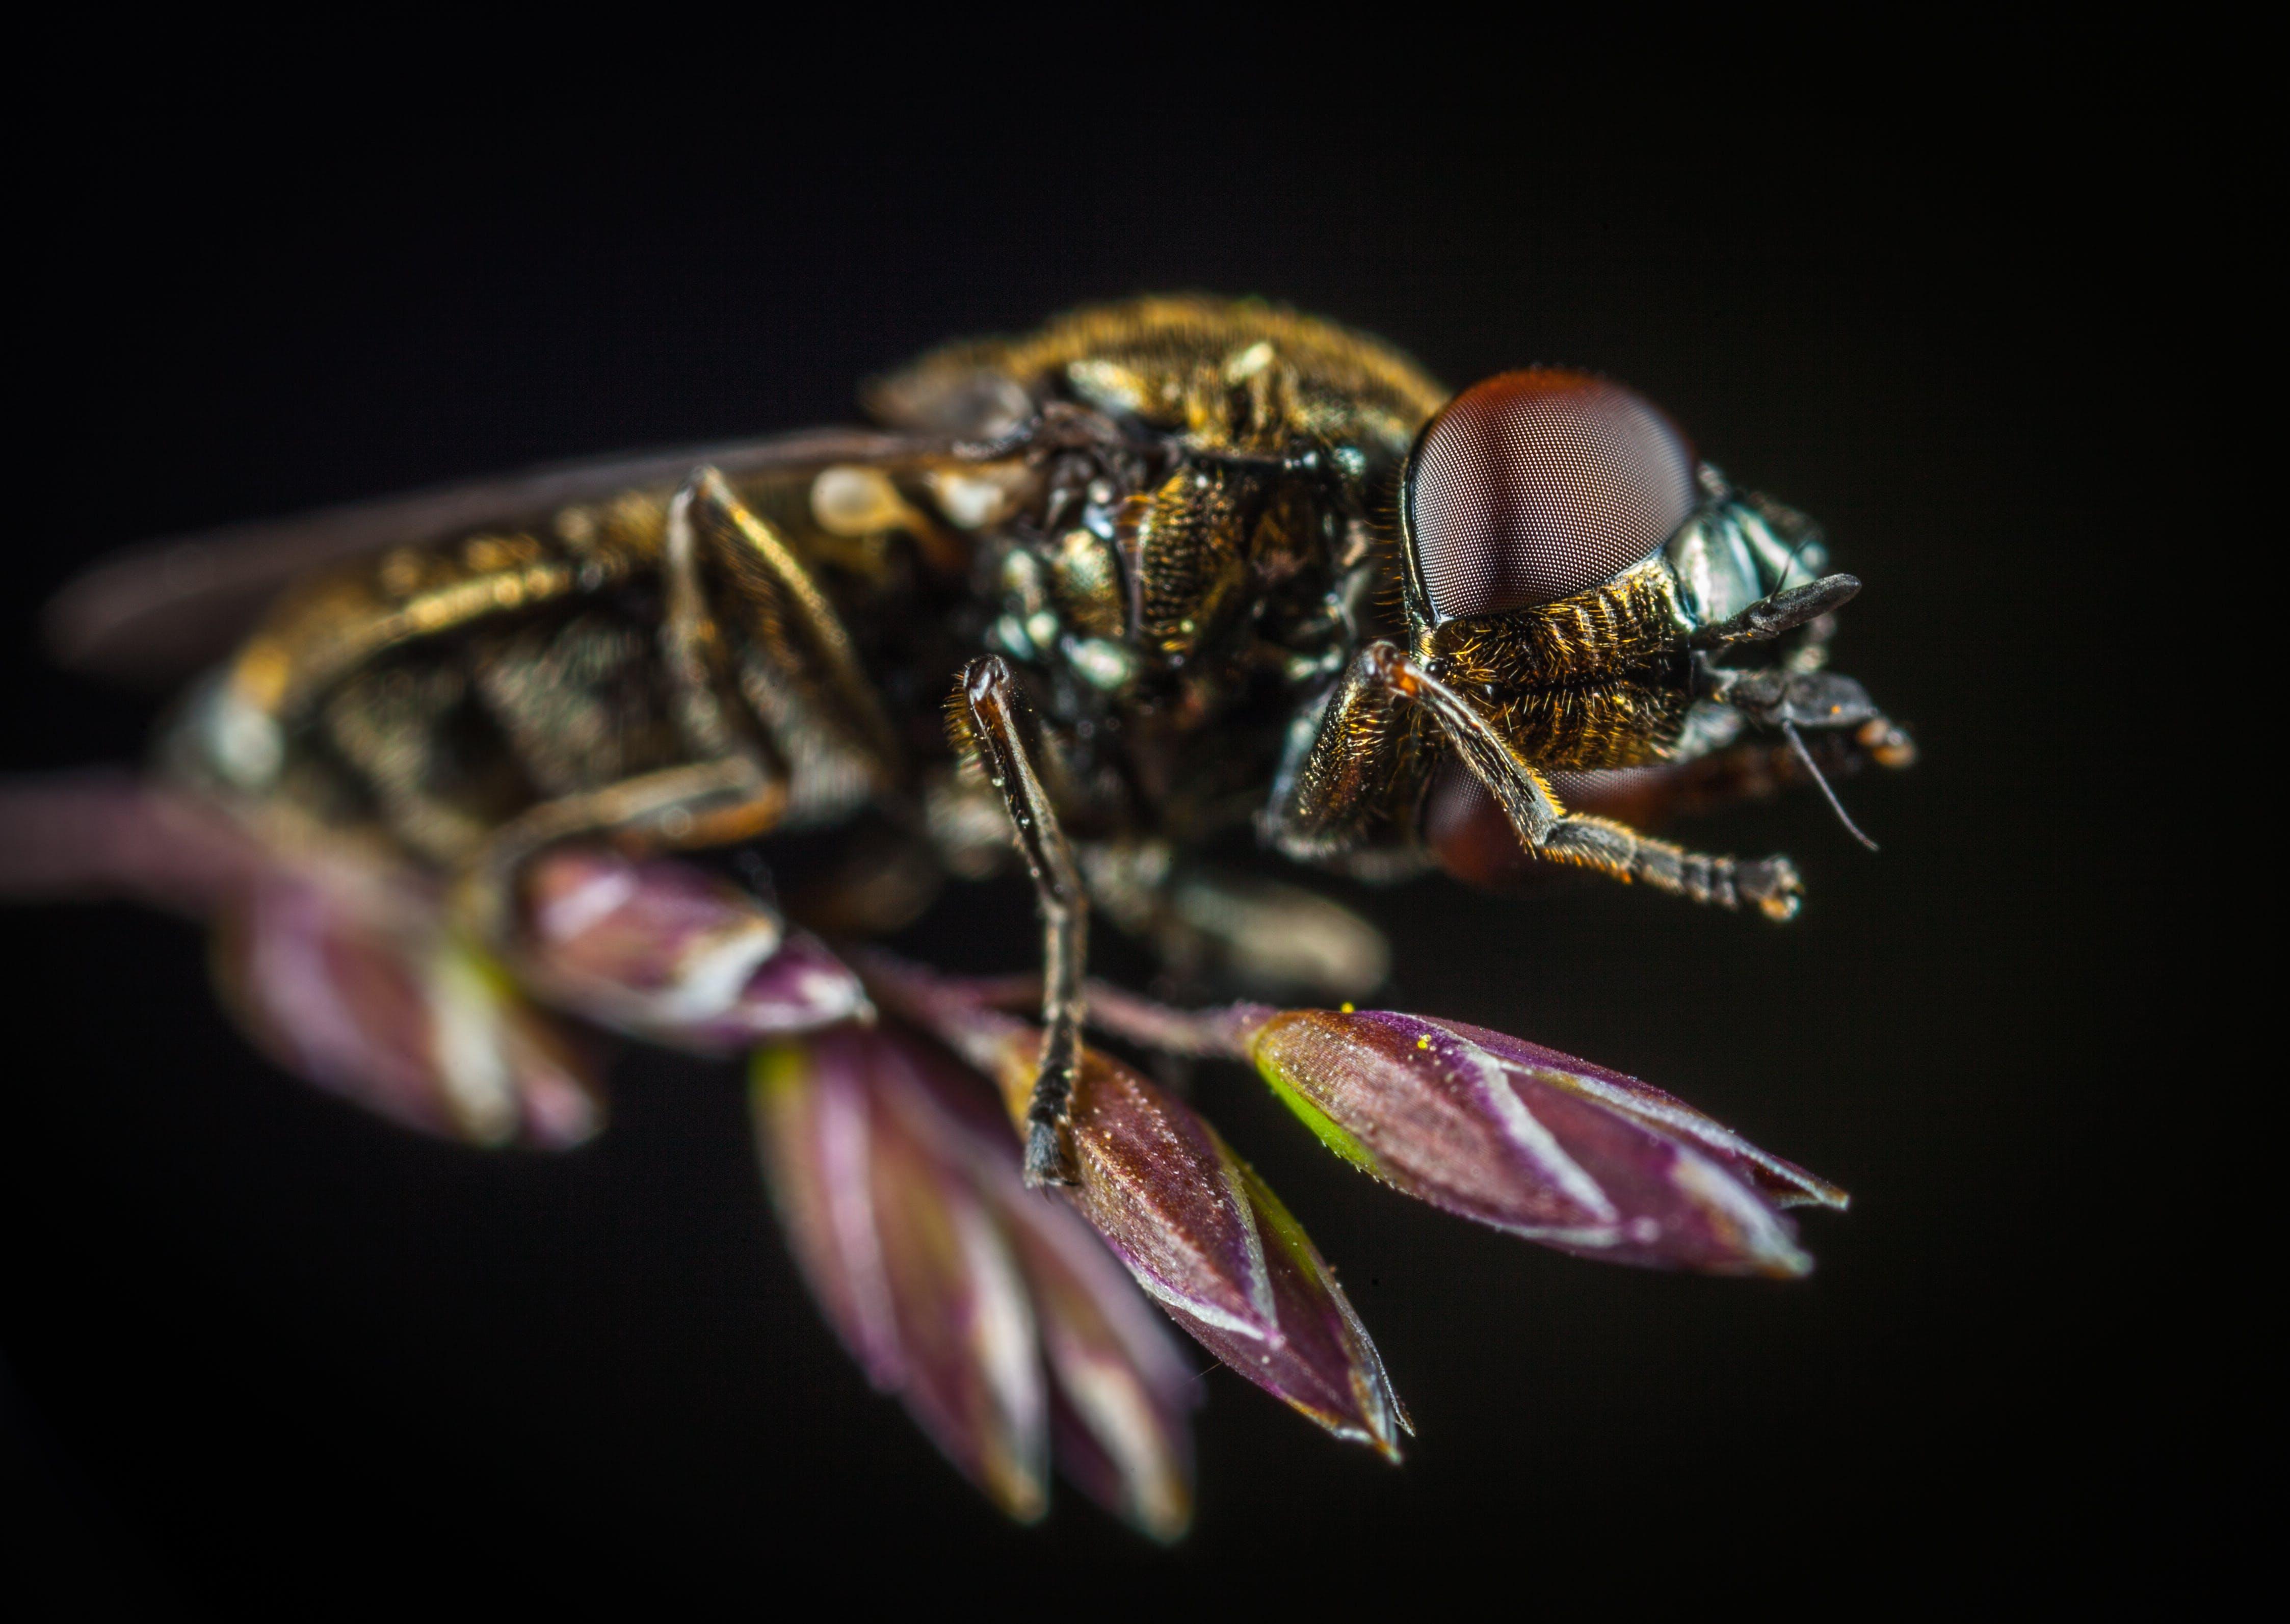 Biyoloji, böcek, böcekbilim, bulanıklık içeren Ücretsiz stok fotoğraf